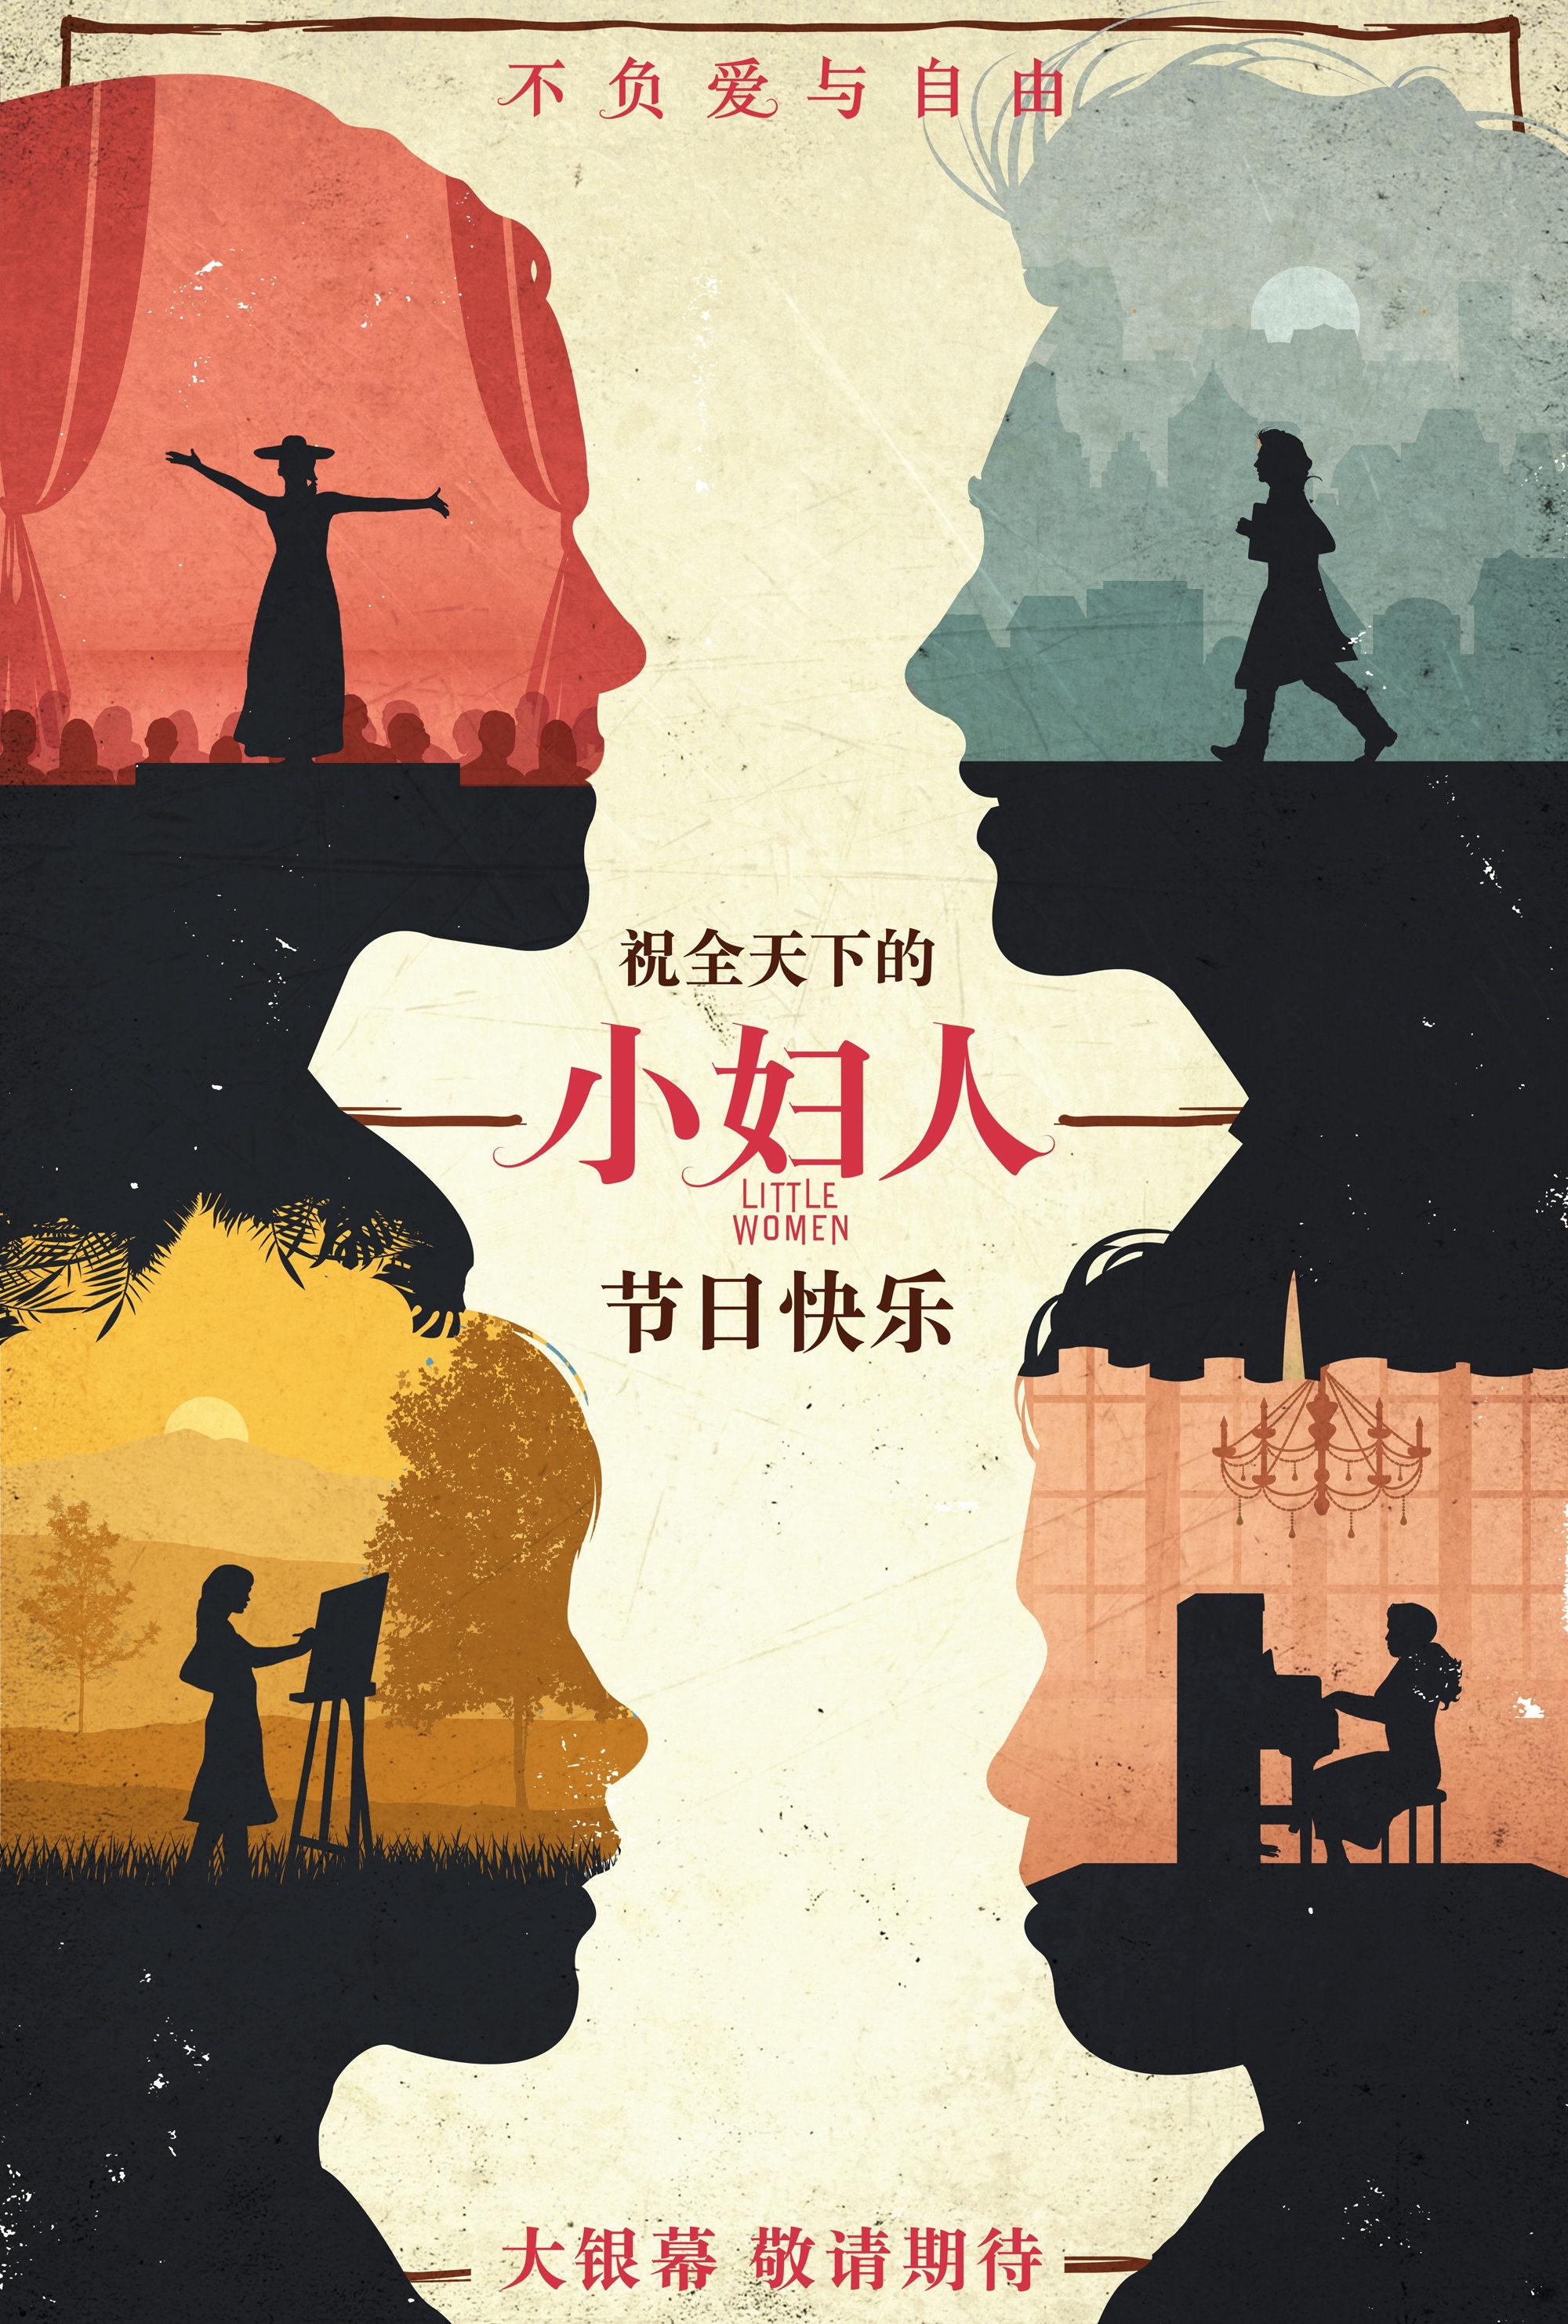 《小妇人》罗南甜茶妇女节送暖心祝福 奥奖疗愈佳片直抒女性心声